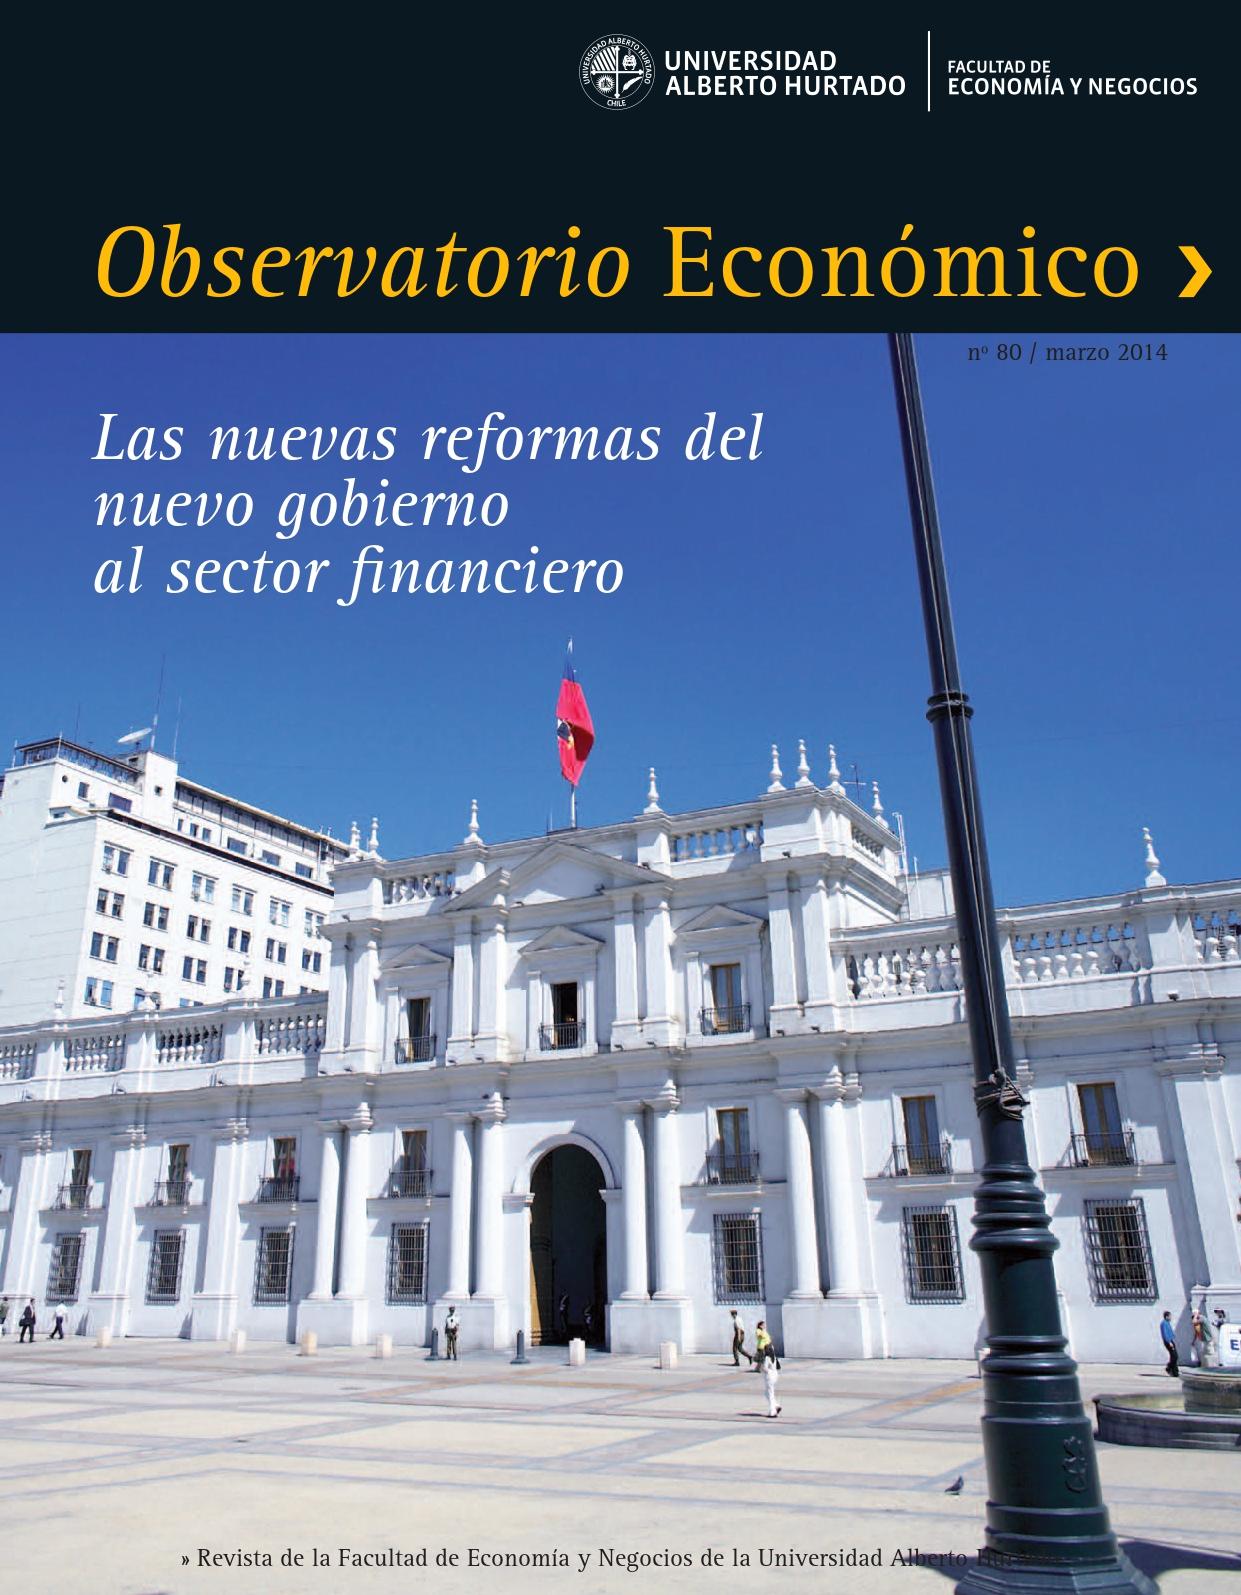 """Título del número de la revista : """"Las nuevas reformas del nuevo gobierno al sector financiero"""""""